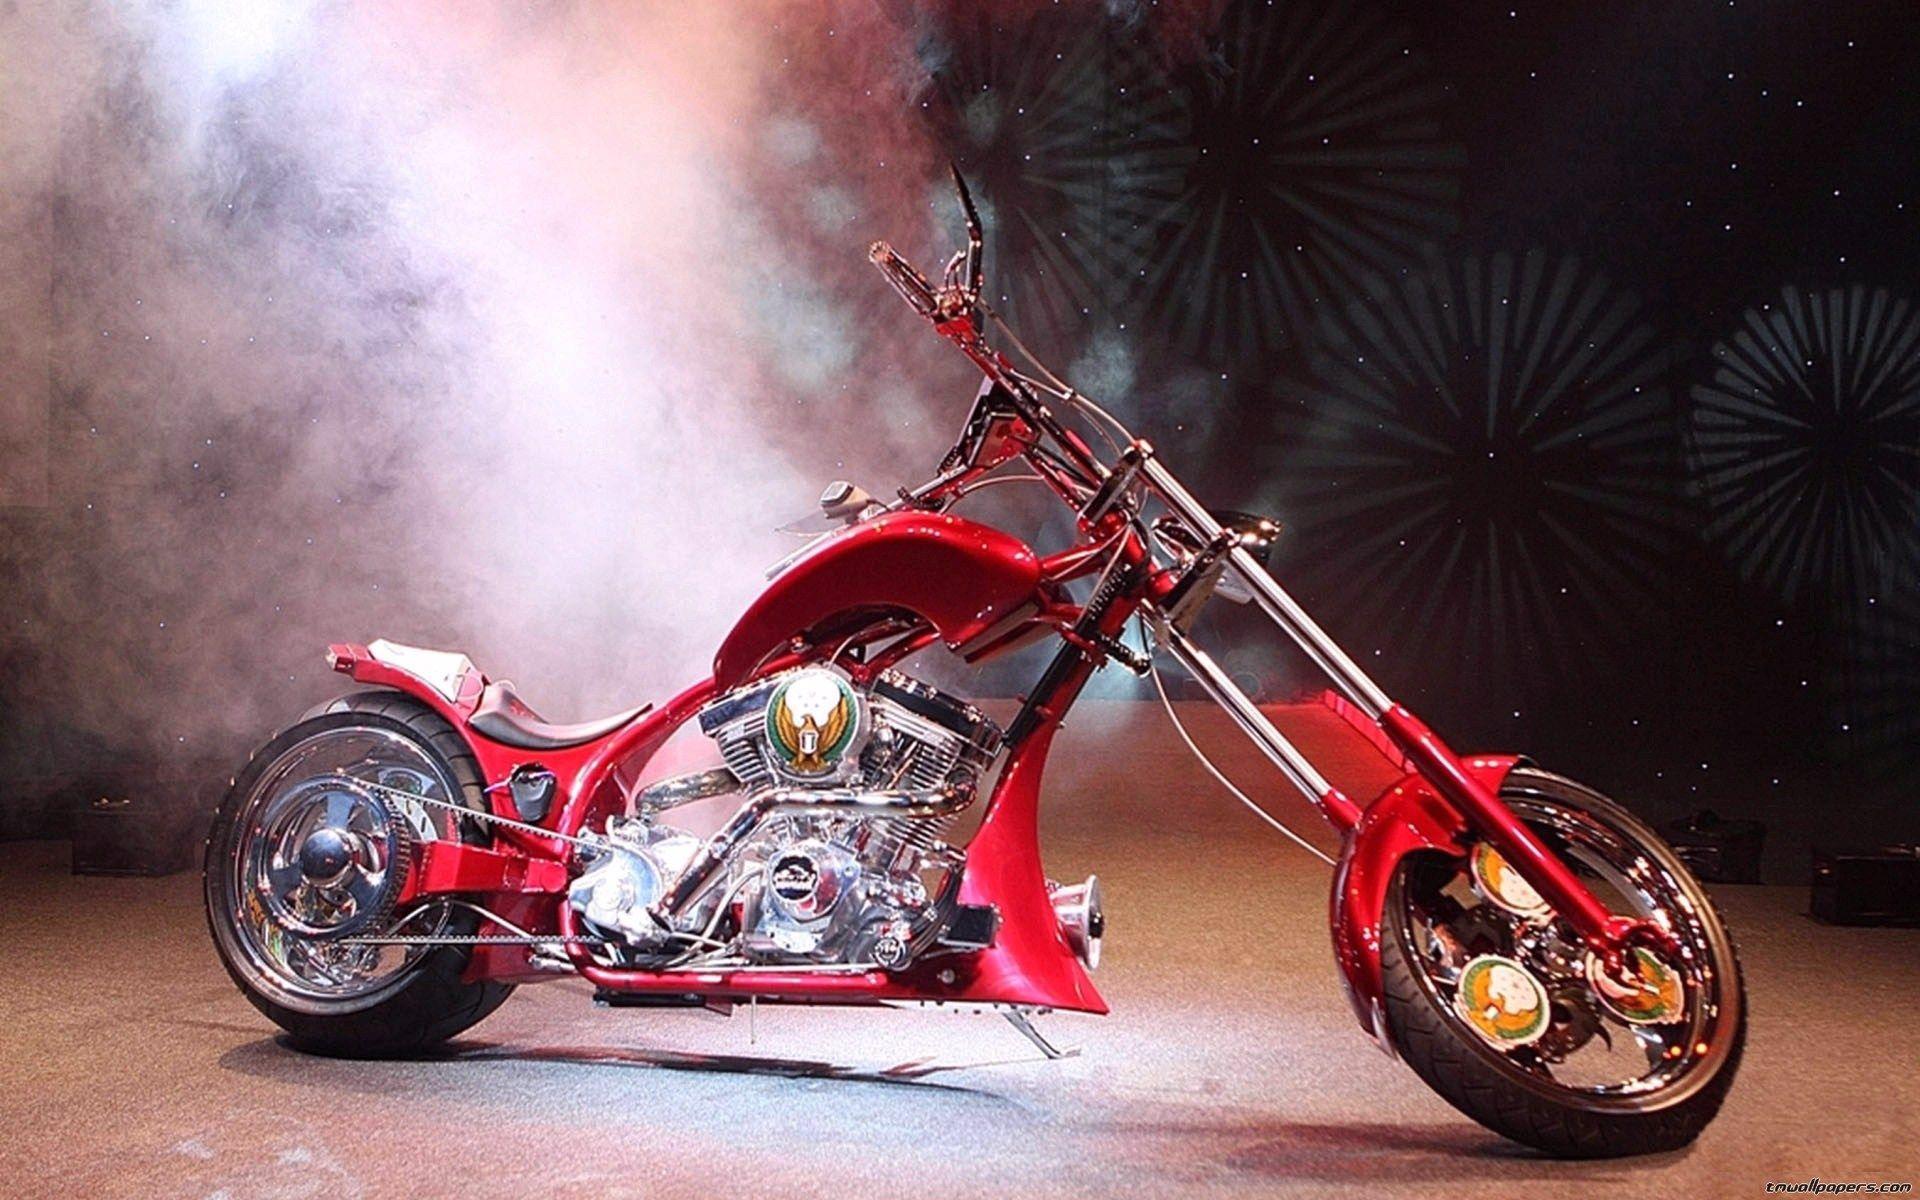 Chopper Bikes Wallpaper Hd Desktop Harley Davidson Chopper Bikes